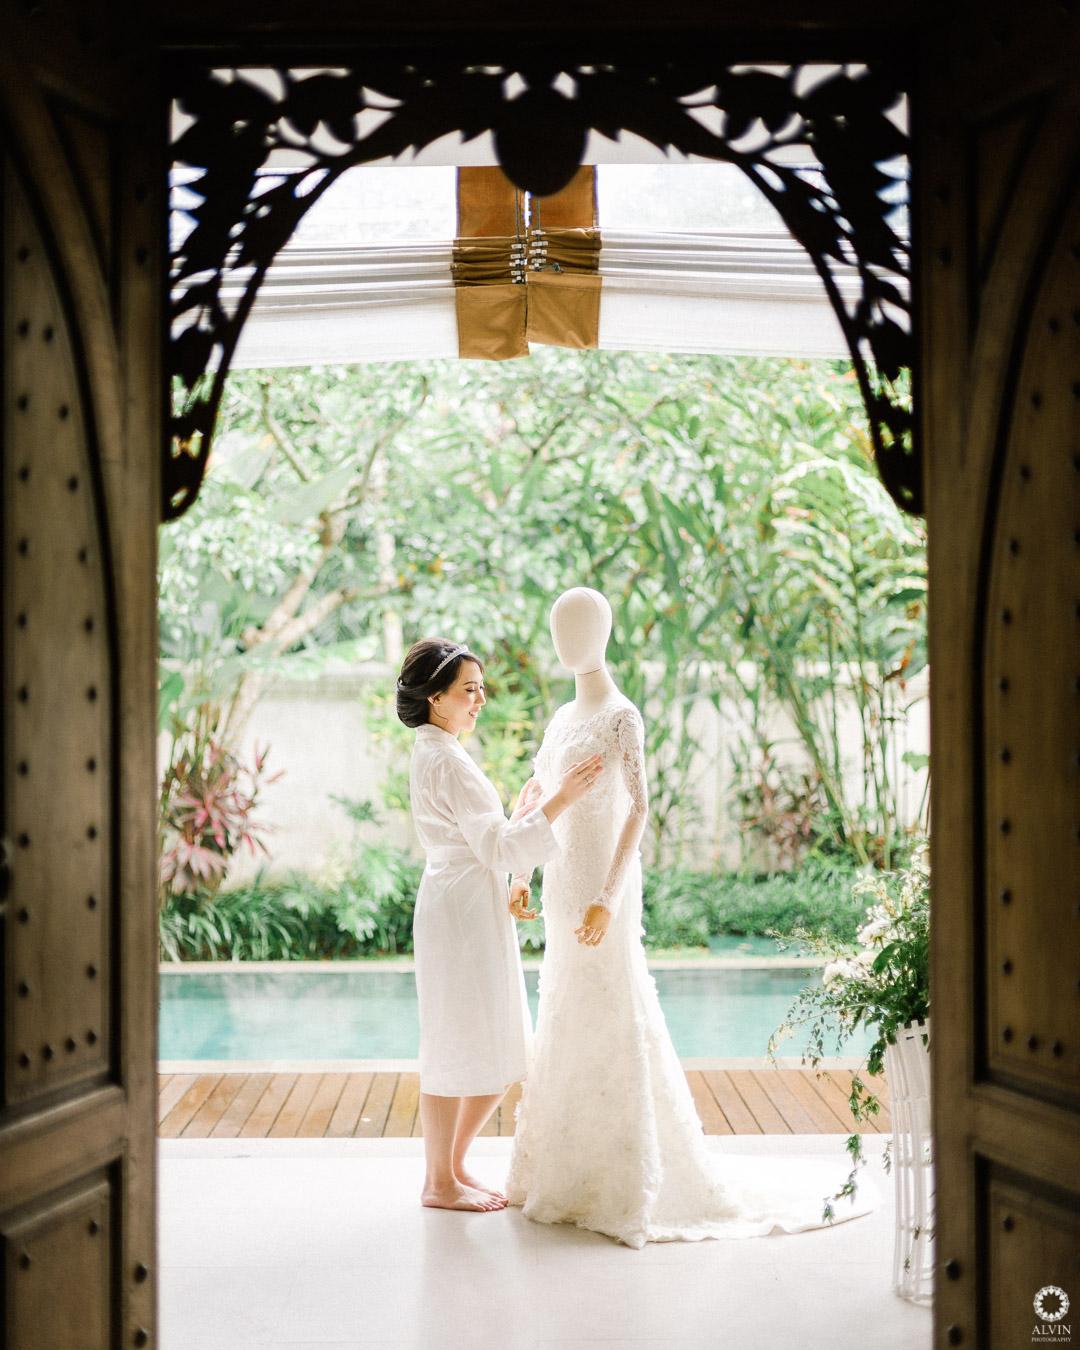 DSCF0811 : Dinda & Gonzaga Wedding